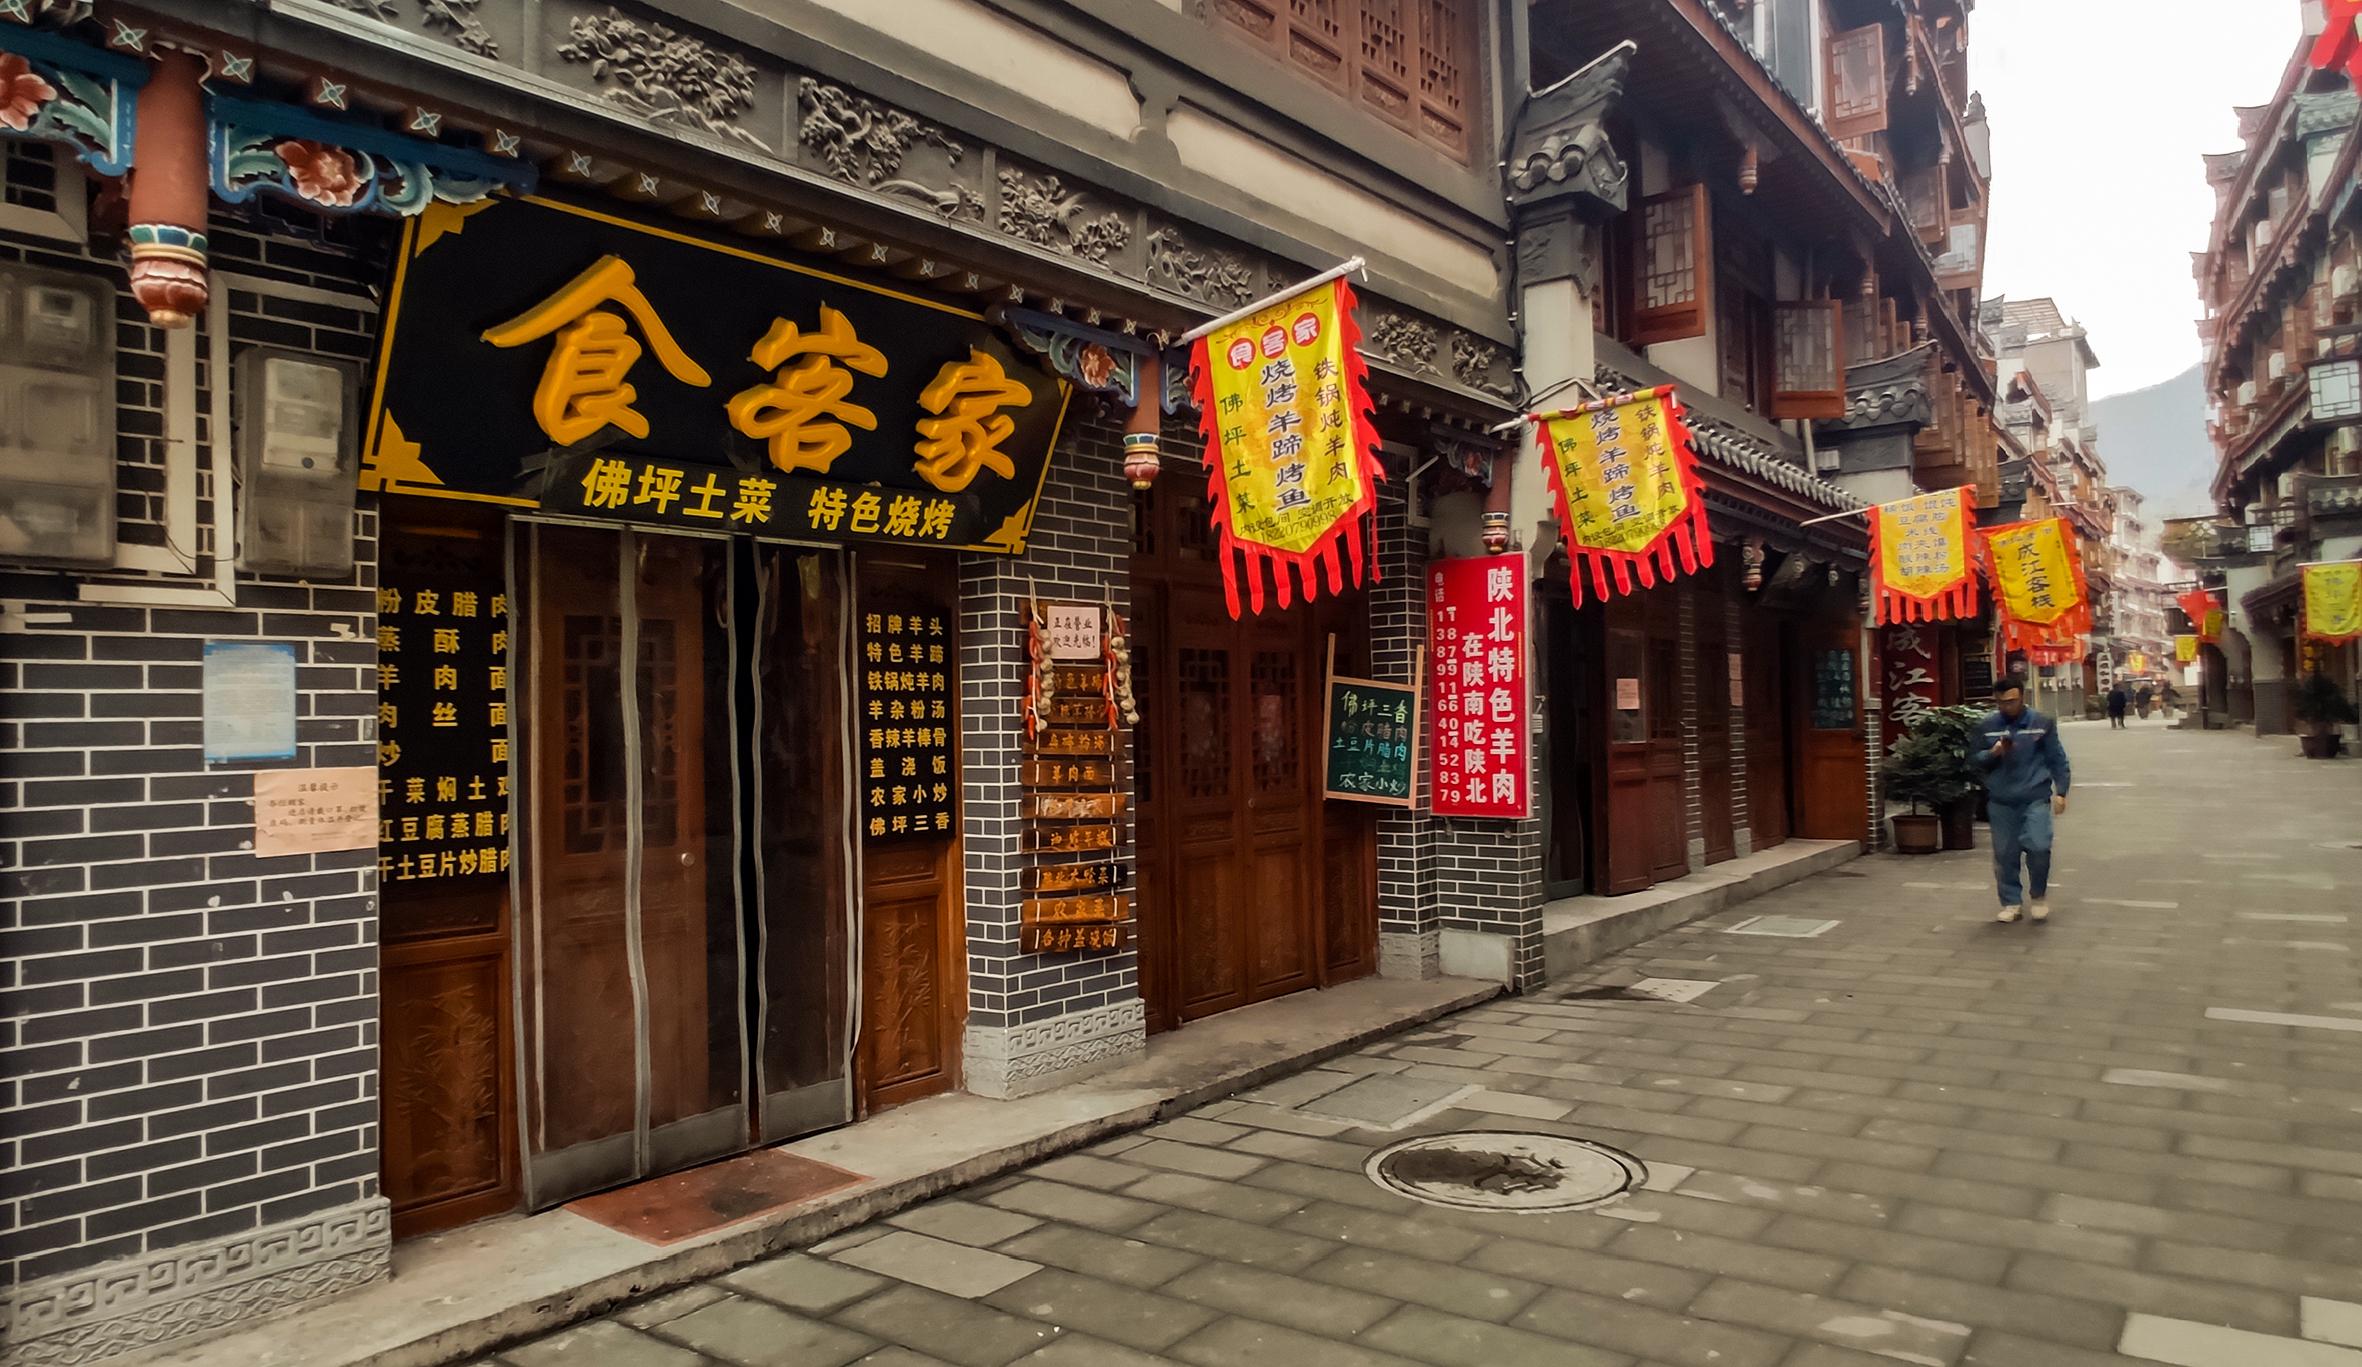 佛坪老街,秦岭山区小城的美好名片,自驾游不可或缺的节点